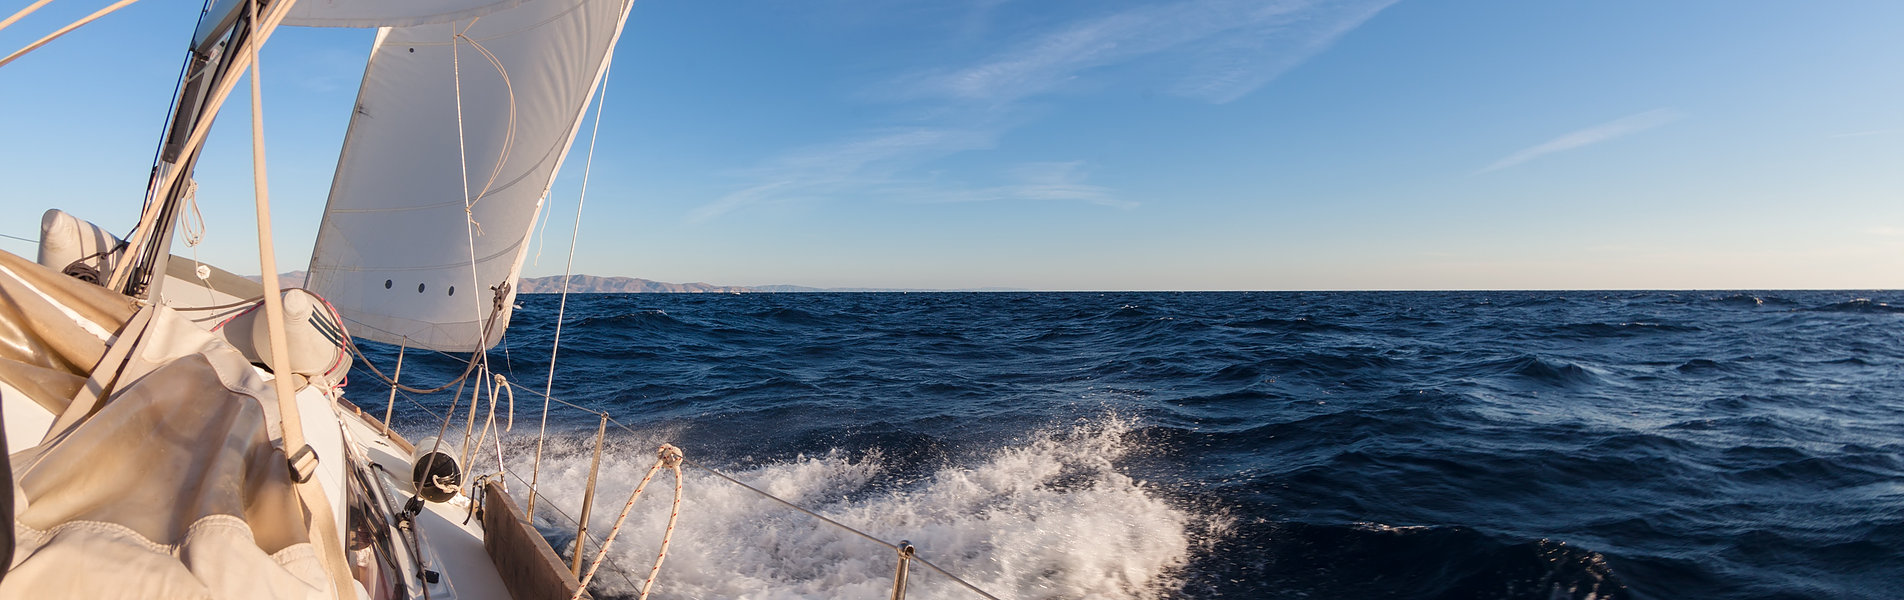 In barca a vela con i bambini, vacanza comoda in barca